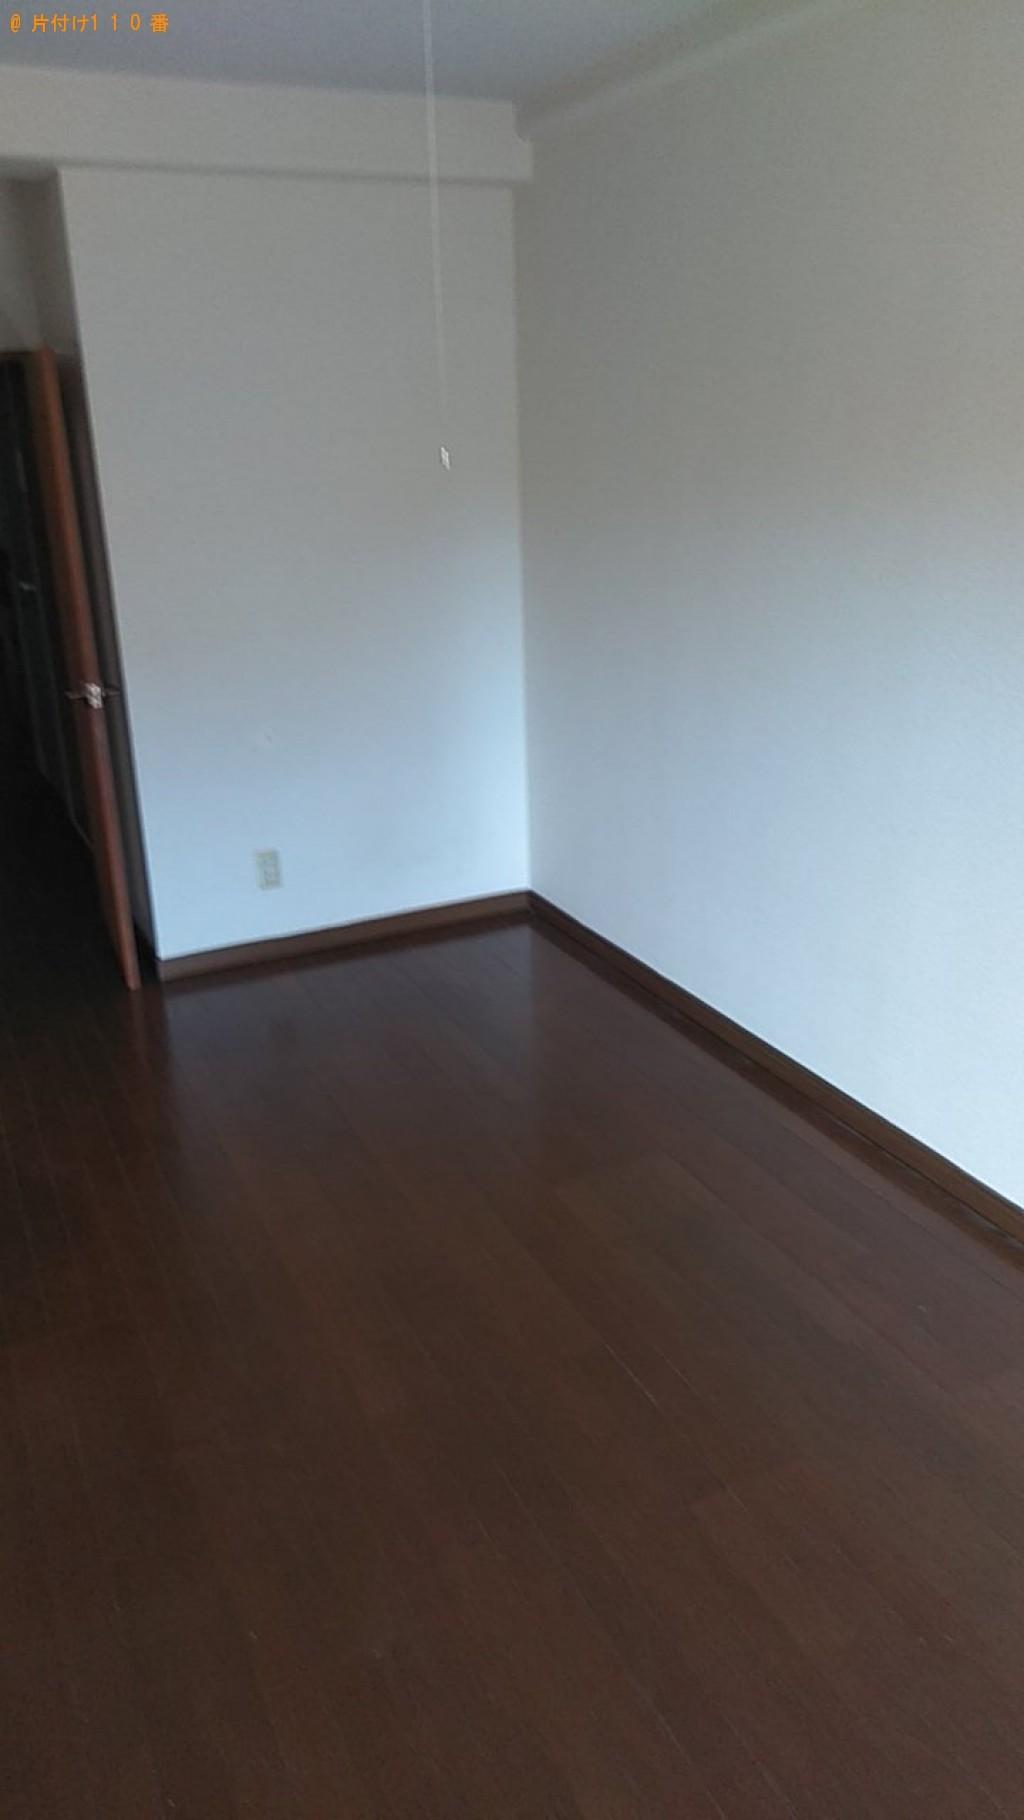 【松山市】シングルベッドの回収・処分ご依頼 お客様の声